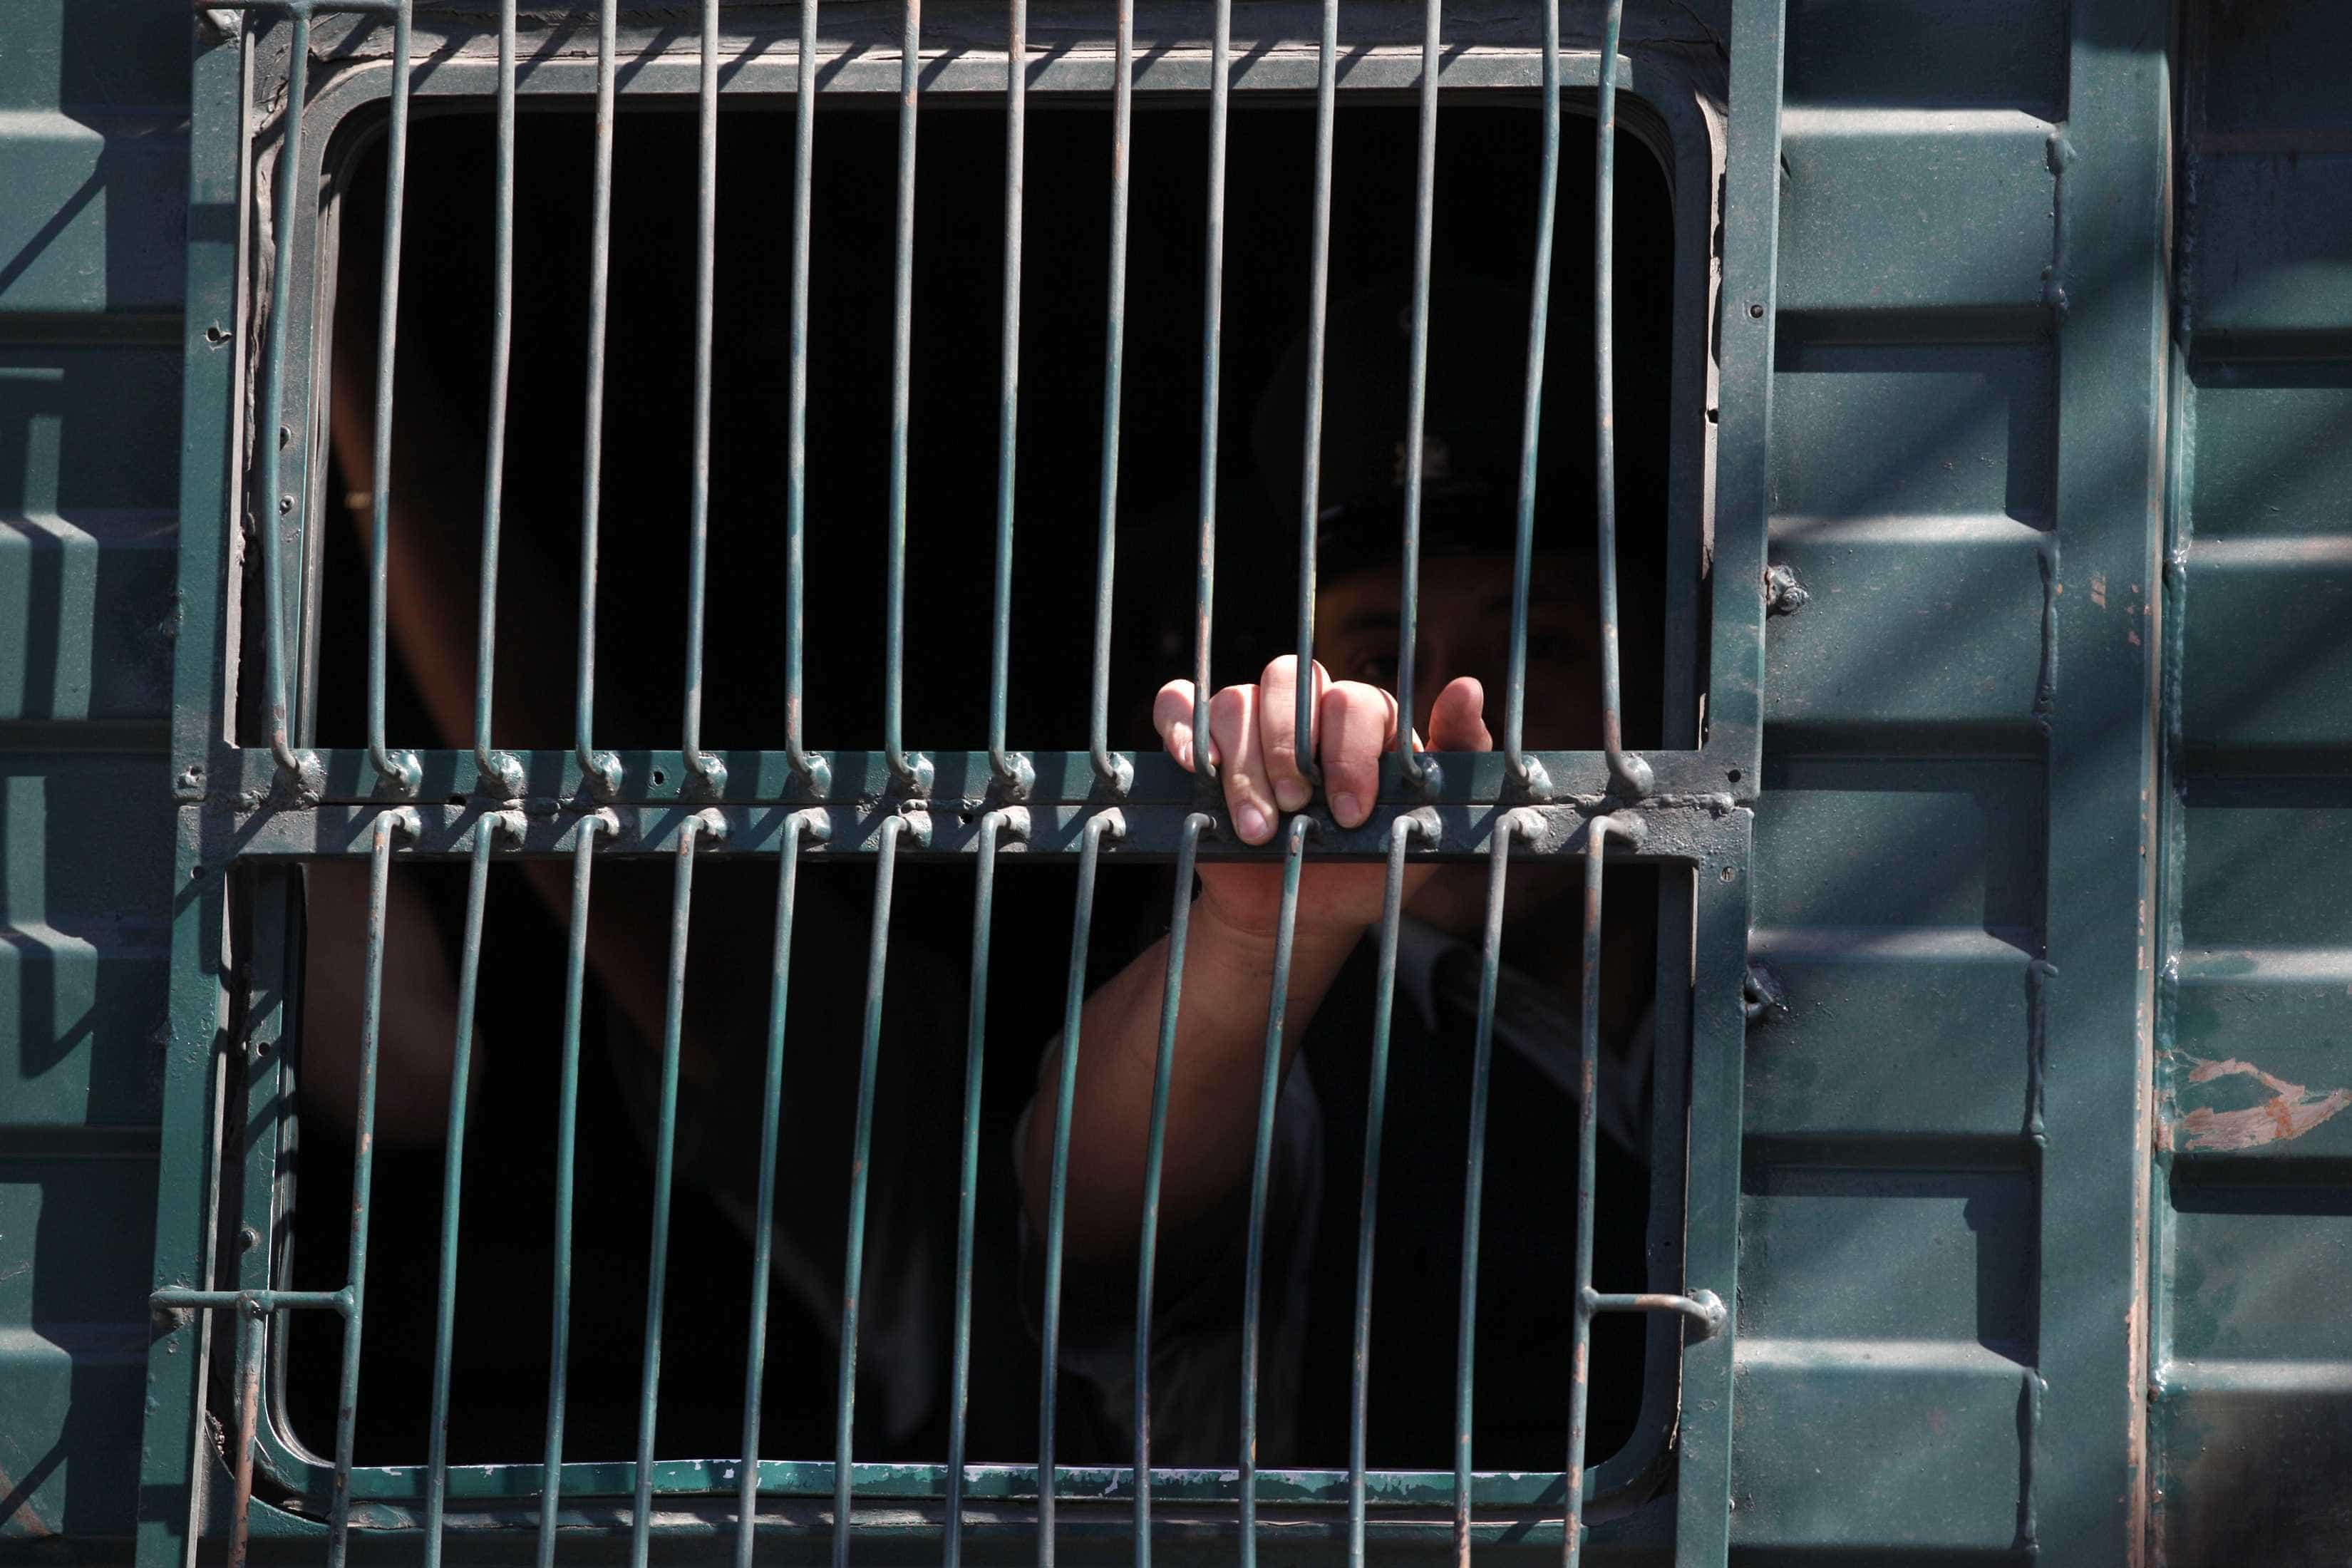 Tribunal condena mulher a seis anos de prisão por tráfico de pessoas